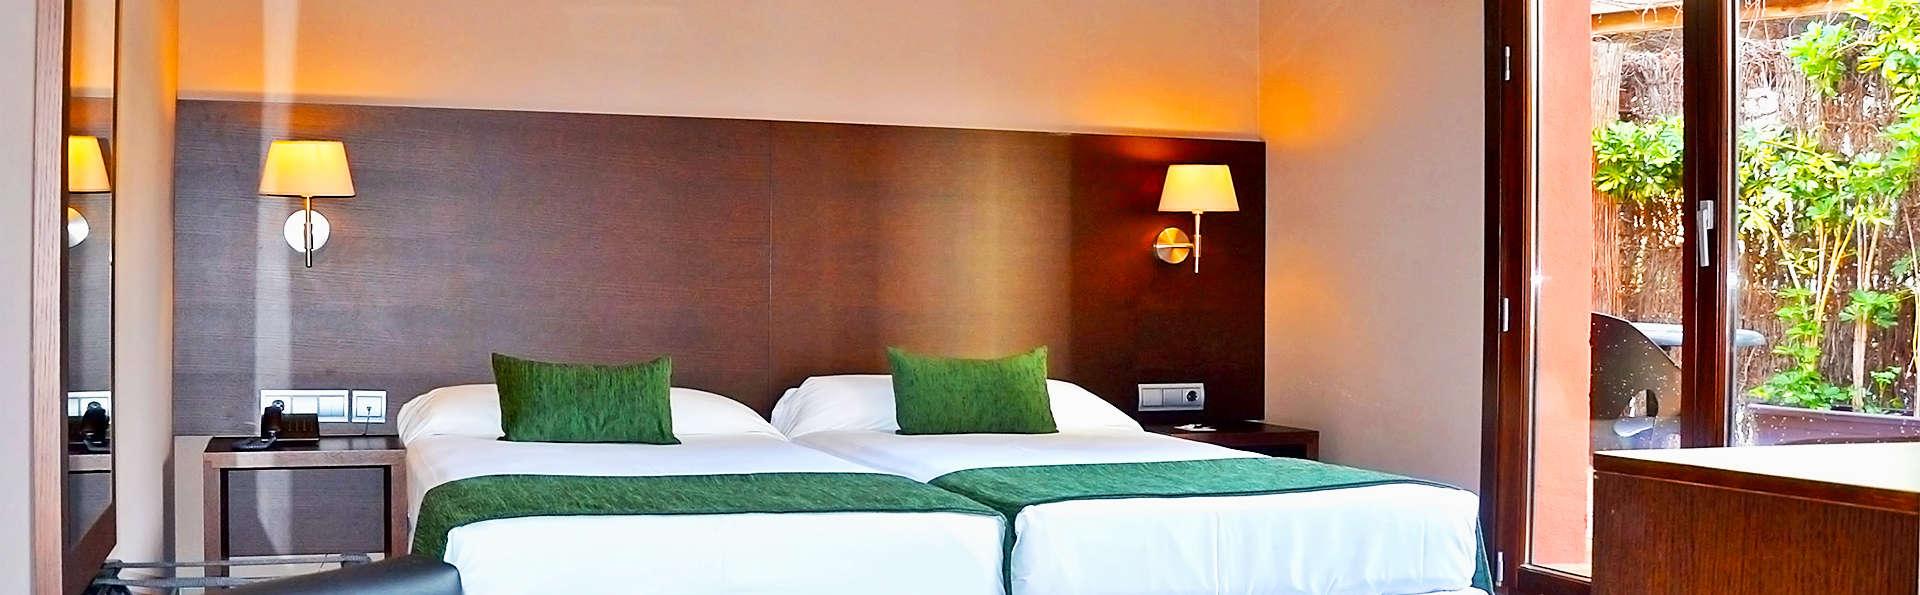 Hotel Vilassar - EDIT_15_ROOM.jpg